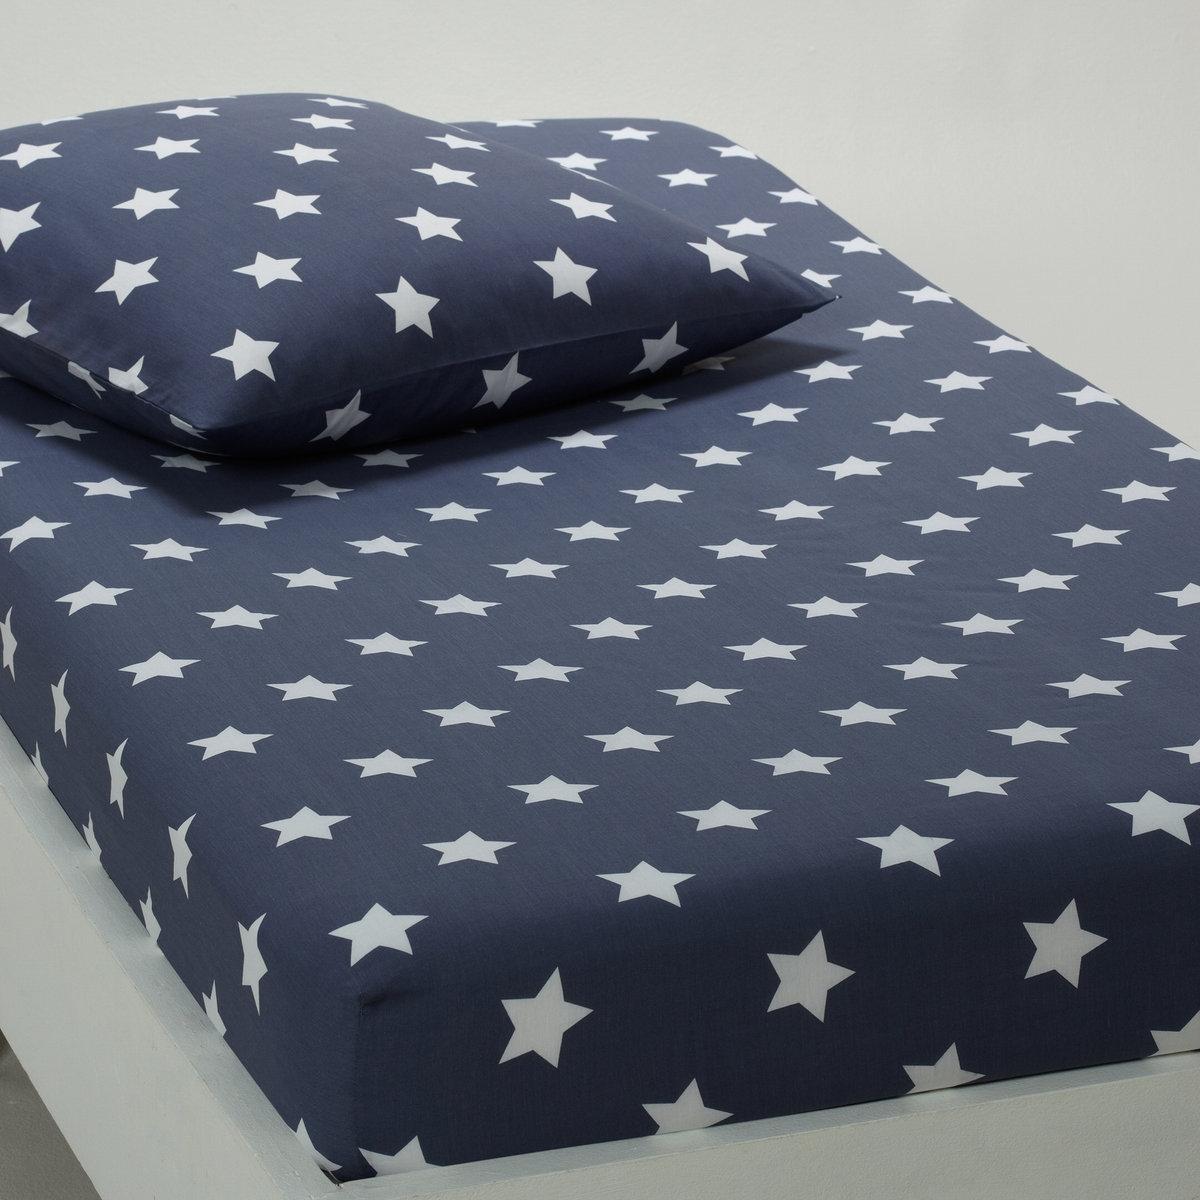 Натяжная простыня с рисунком Навор.Характеристики:рисунок звезды. 100% хлопка. Стирка при 60°.Размер:90 x 190 см: 1-сп.<br><br>Цвет: синий<br>Размер: 90 x 190  см